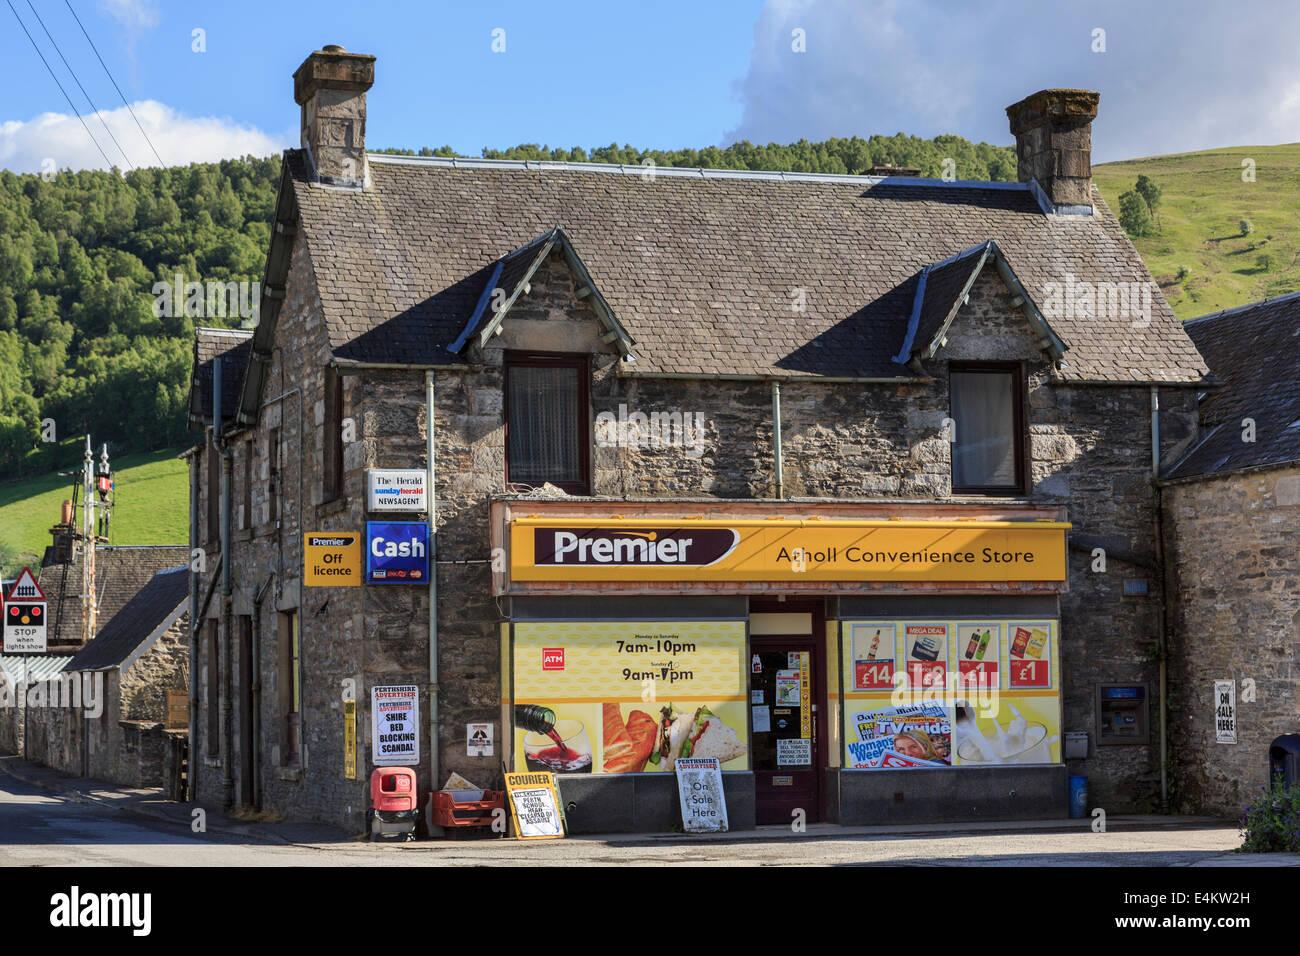 Premier minimarket ed edicole nel villaggio di Blair Atholl, Perth and Kinross, Scozia, Regno Unito, Gran Bretagna Immagini Stock